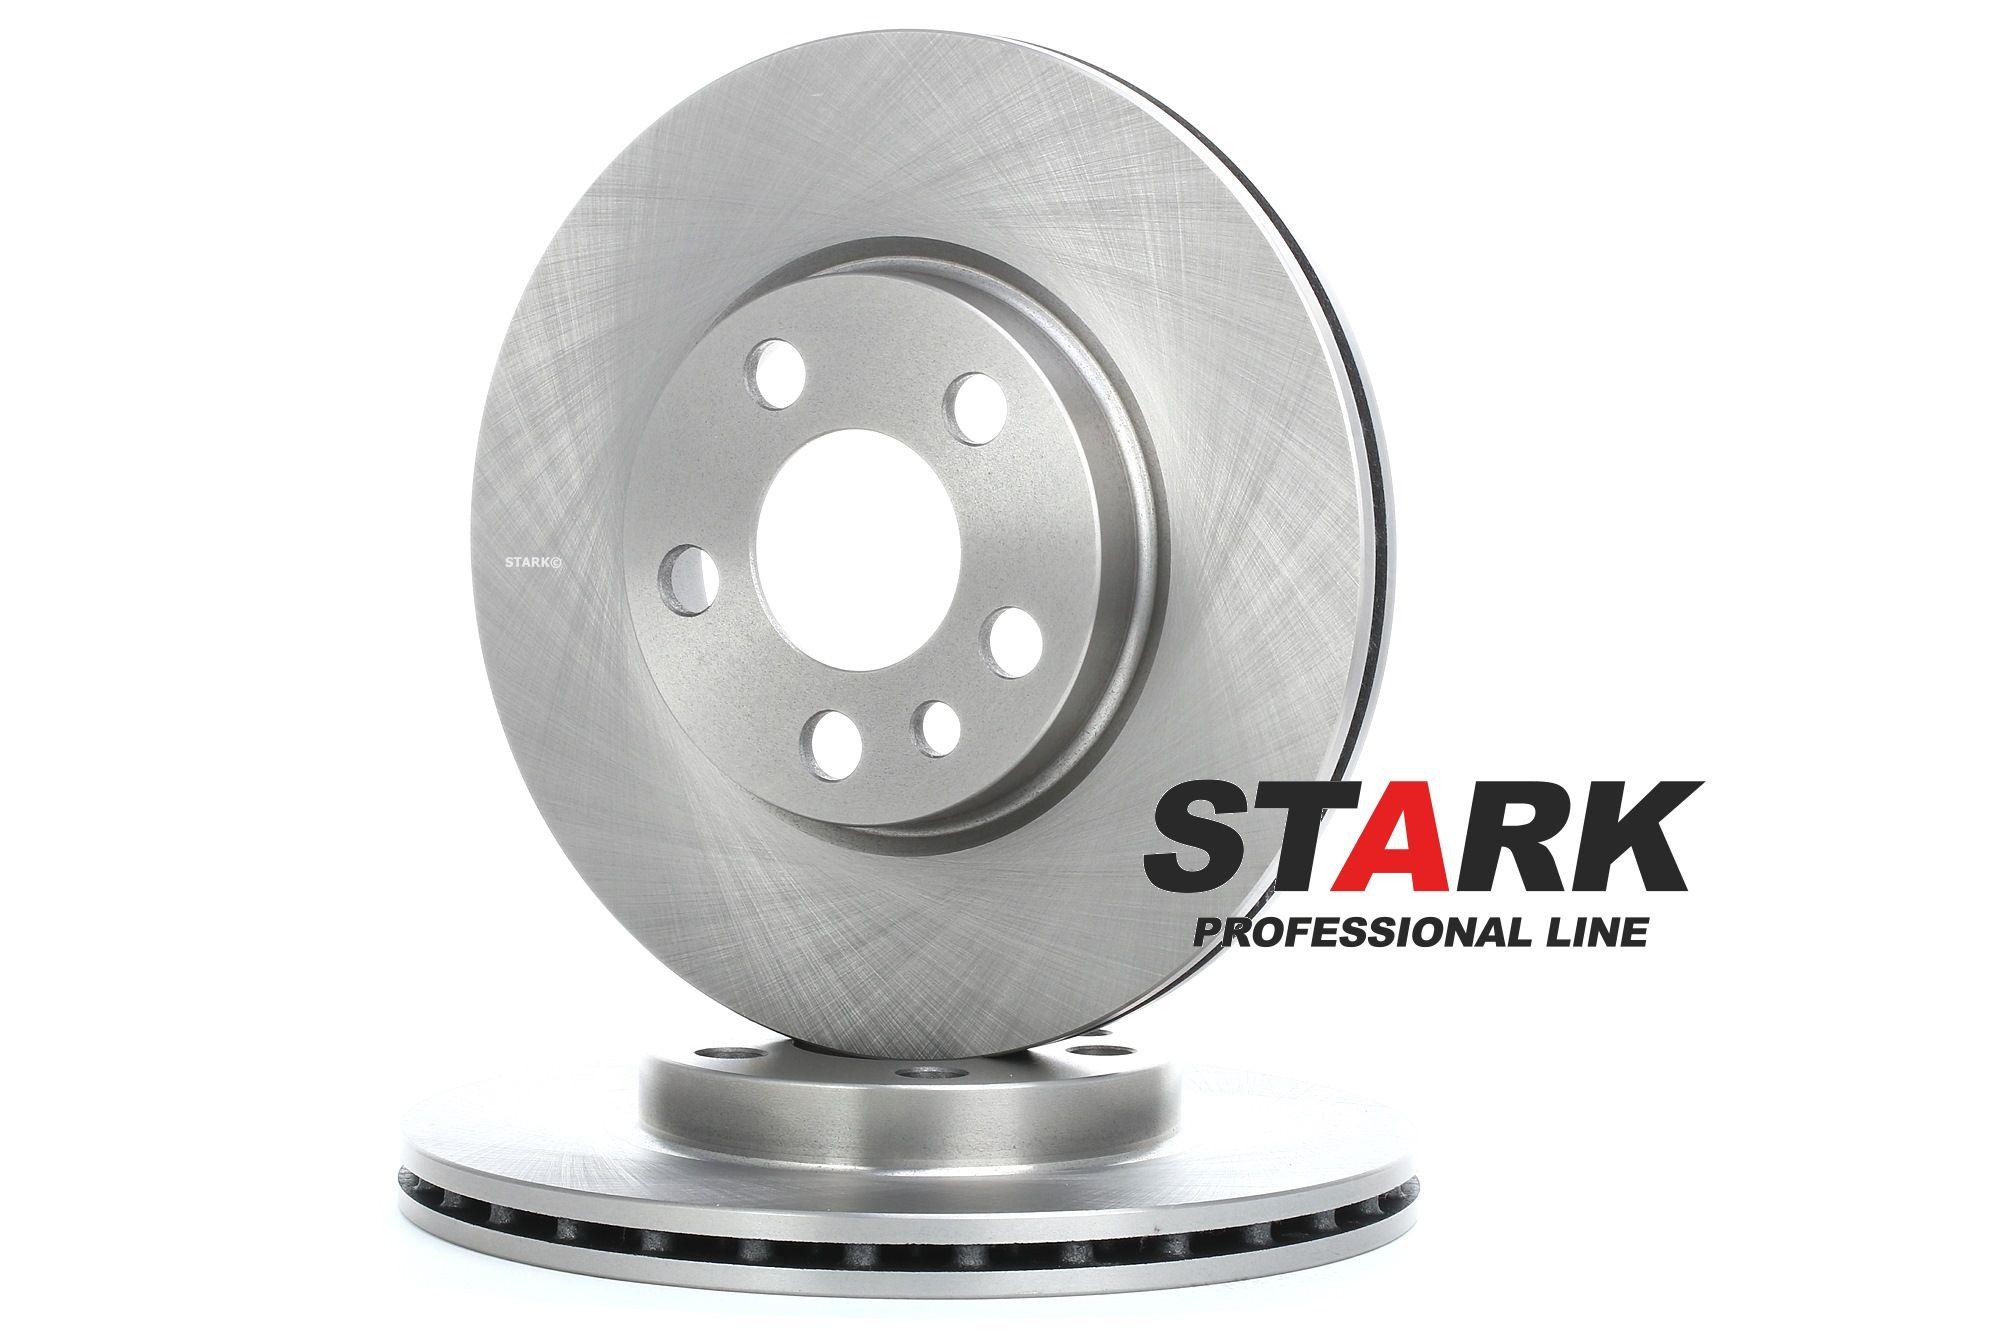 SKBD-0020072 STARK Vorderachse, Innenbelüftet Ø: 257mm, Felge: 5-loch, Bremsscheibendicke: 20mm Bremsscheibe SKBD-0020072 günstig kaufen